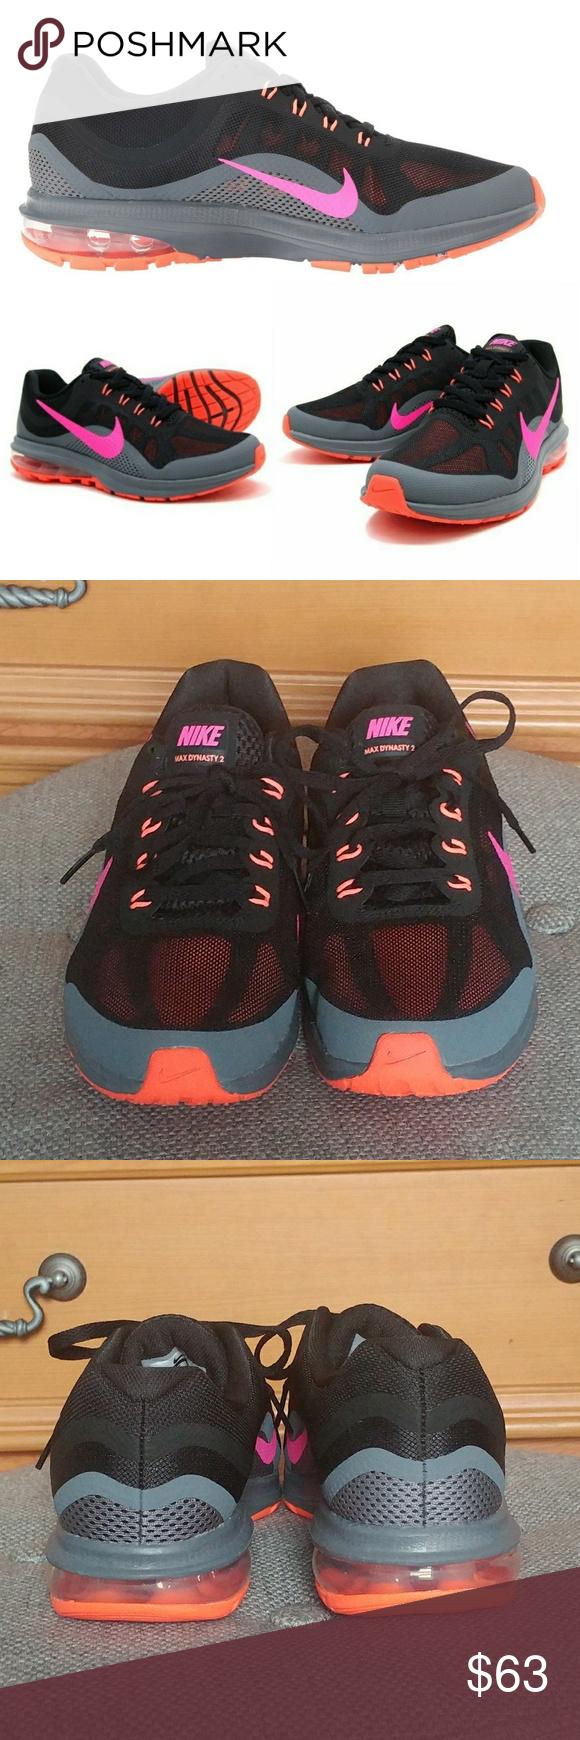 Women shoes, Nike air max